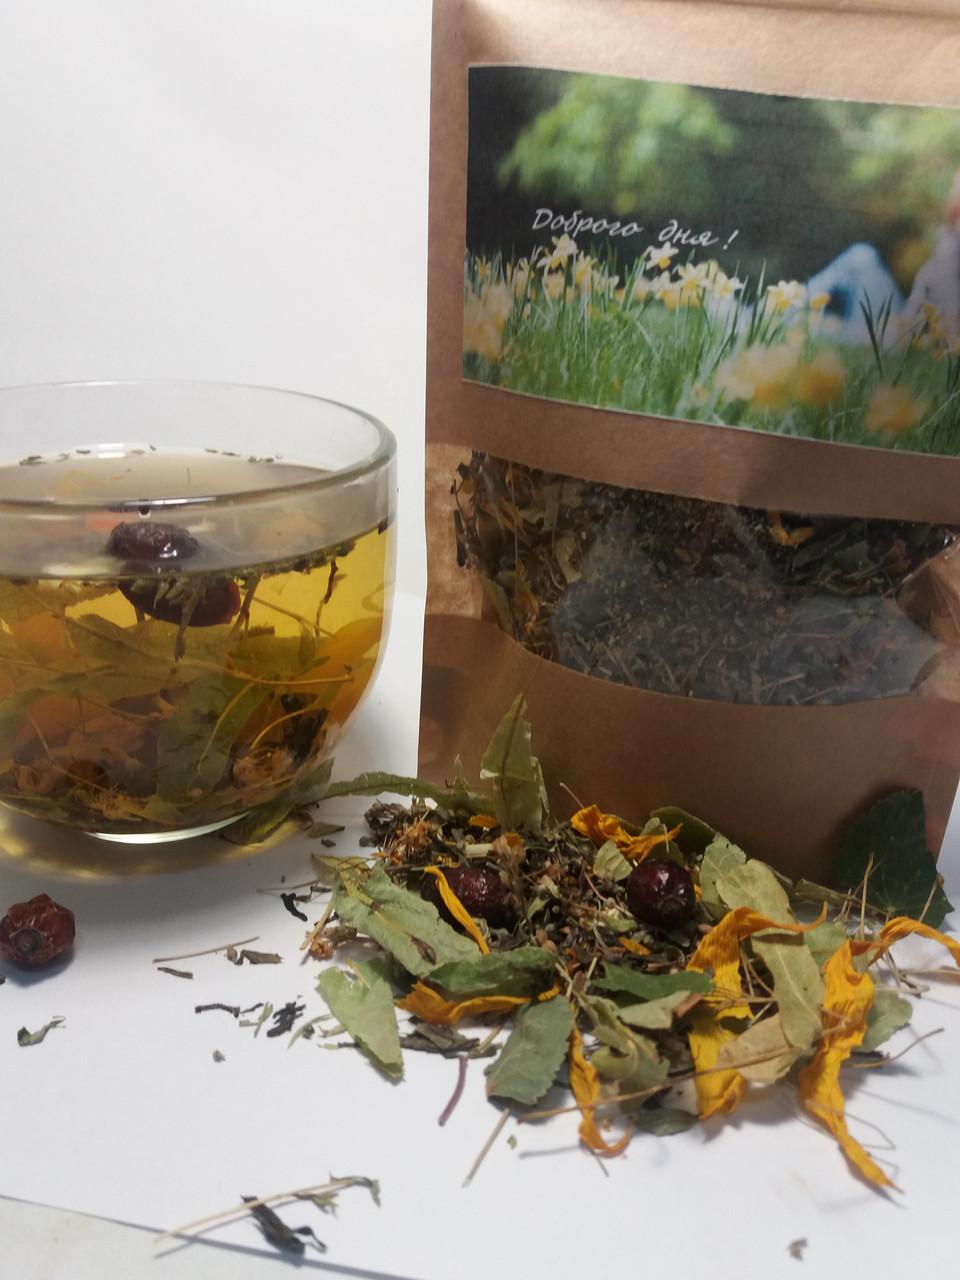 Композиционный на основе зеленого чая  «Доброго дня!»